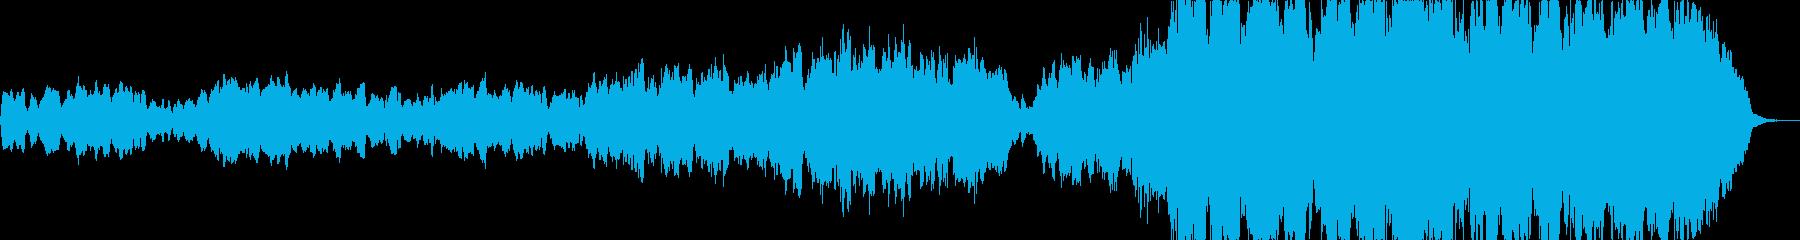 ほのぼの癒しオーケストラの再生済みの波形